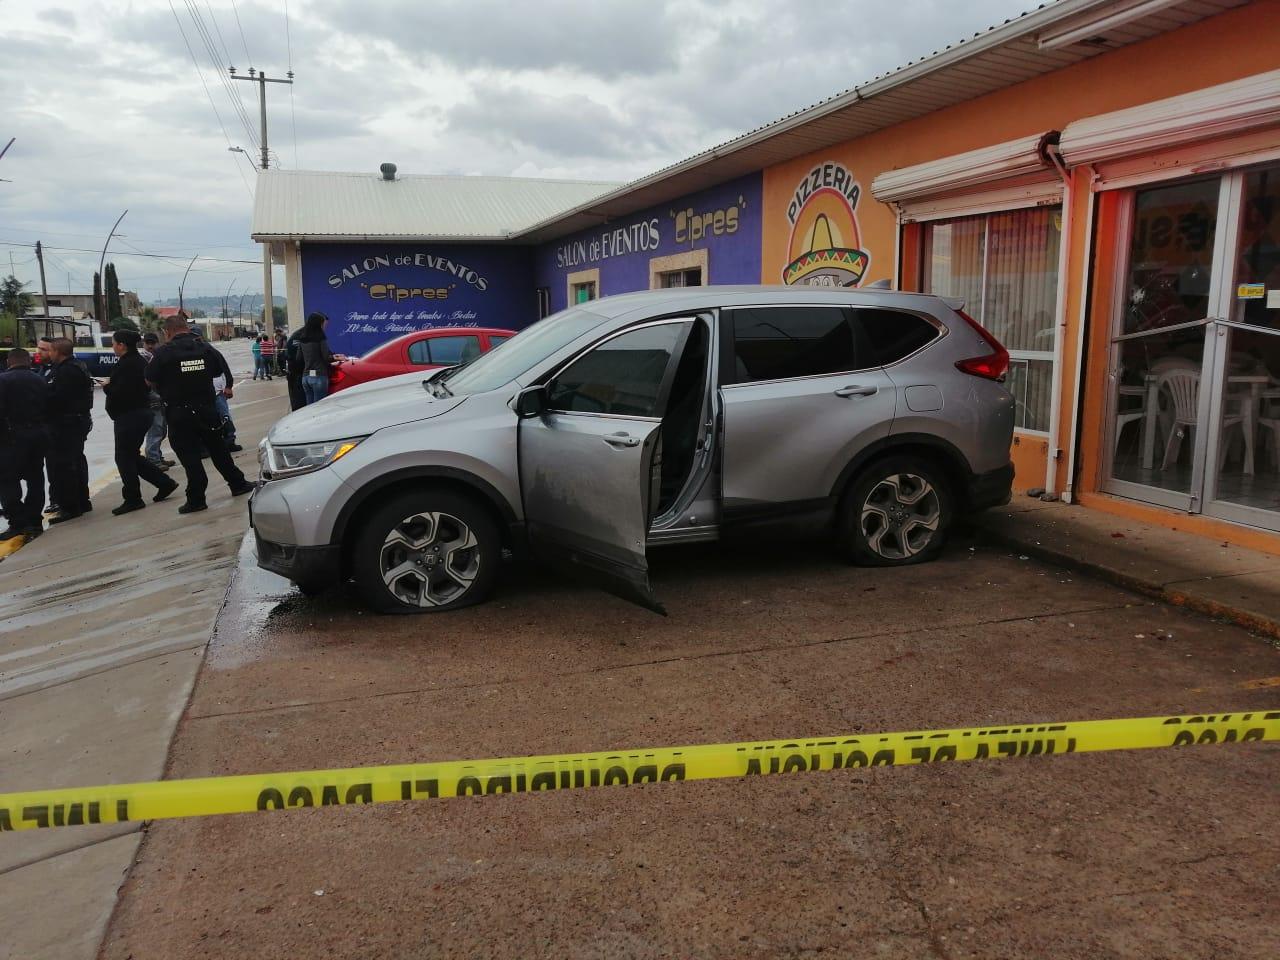 Cuauhtémoc, el segundo municipio con la mayor tasa de homicidios dolosos de Chihuahua